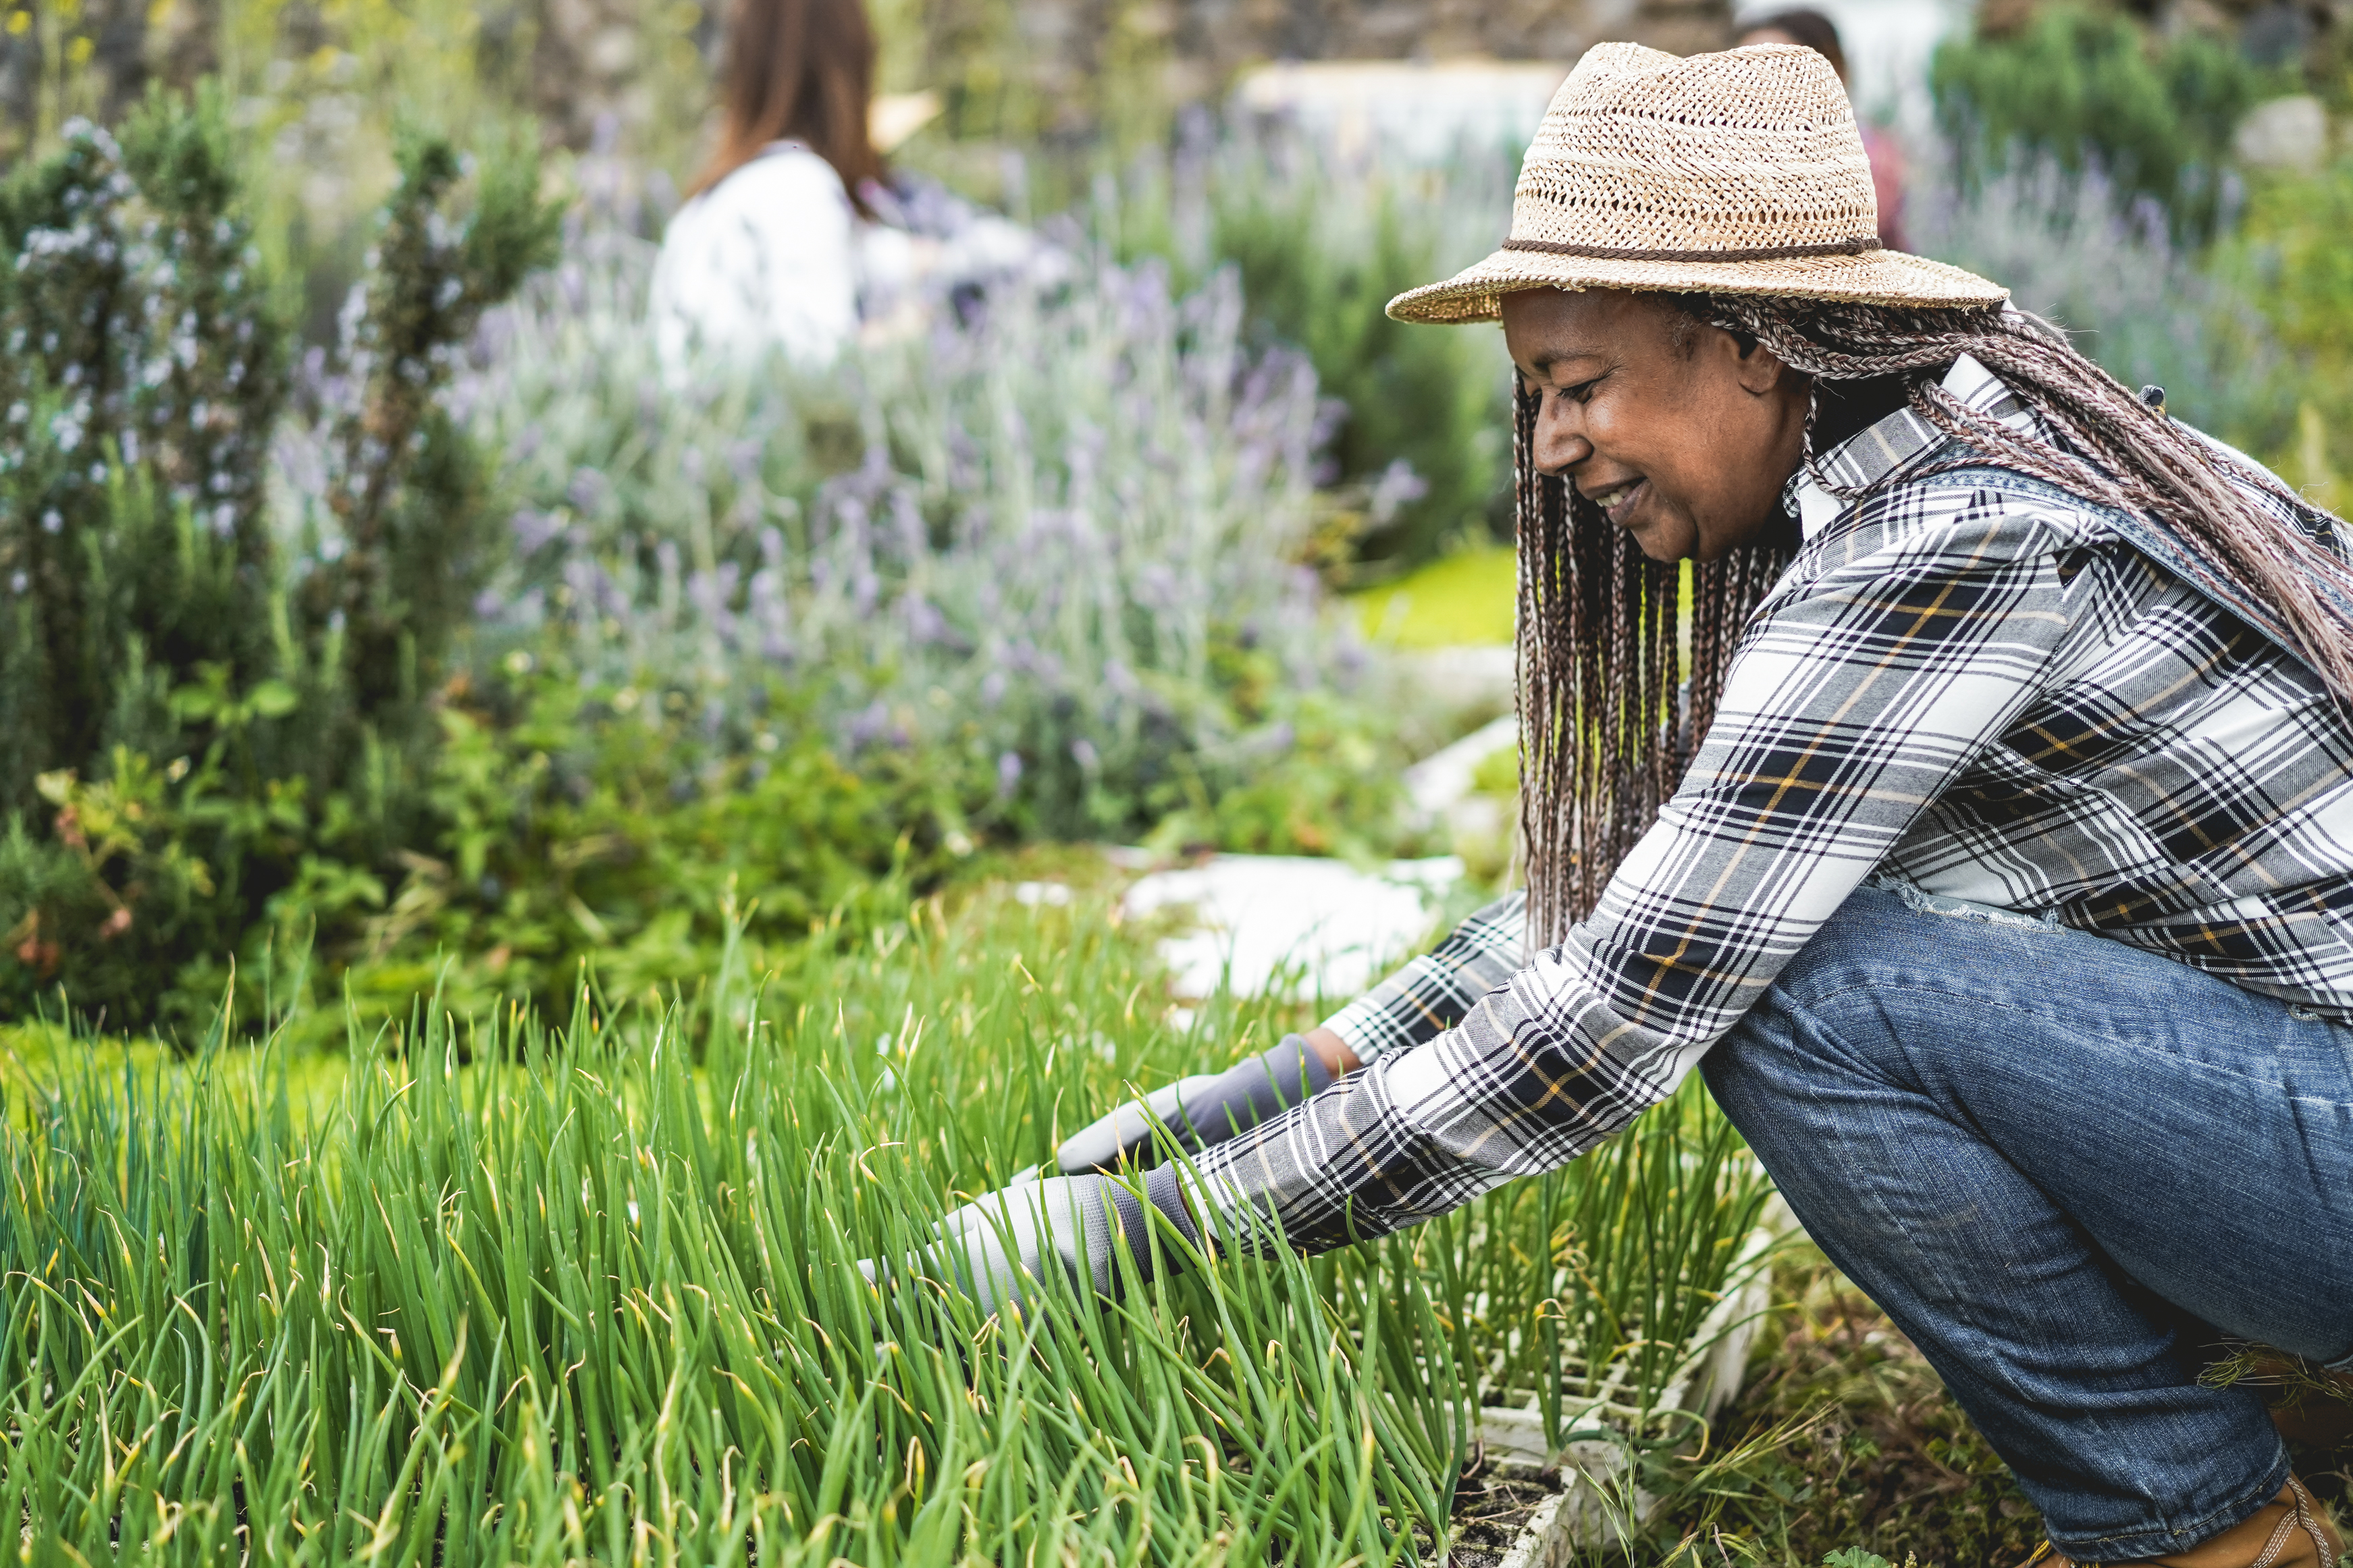 Matéria MBeD - Caminhos para previdencia - Mulher idosa africana preparando mudas em uma caixa com solo dentro de fazenda de vegetais - Conceito de alimentos saudáveis - Foco principal no rosto